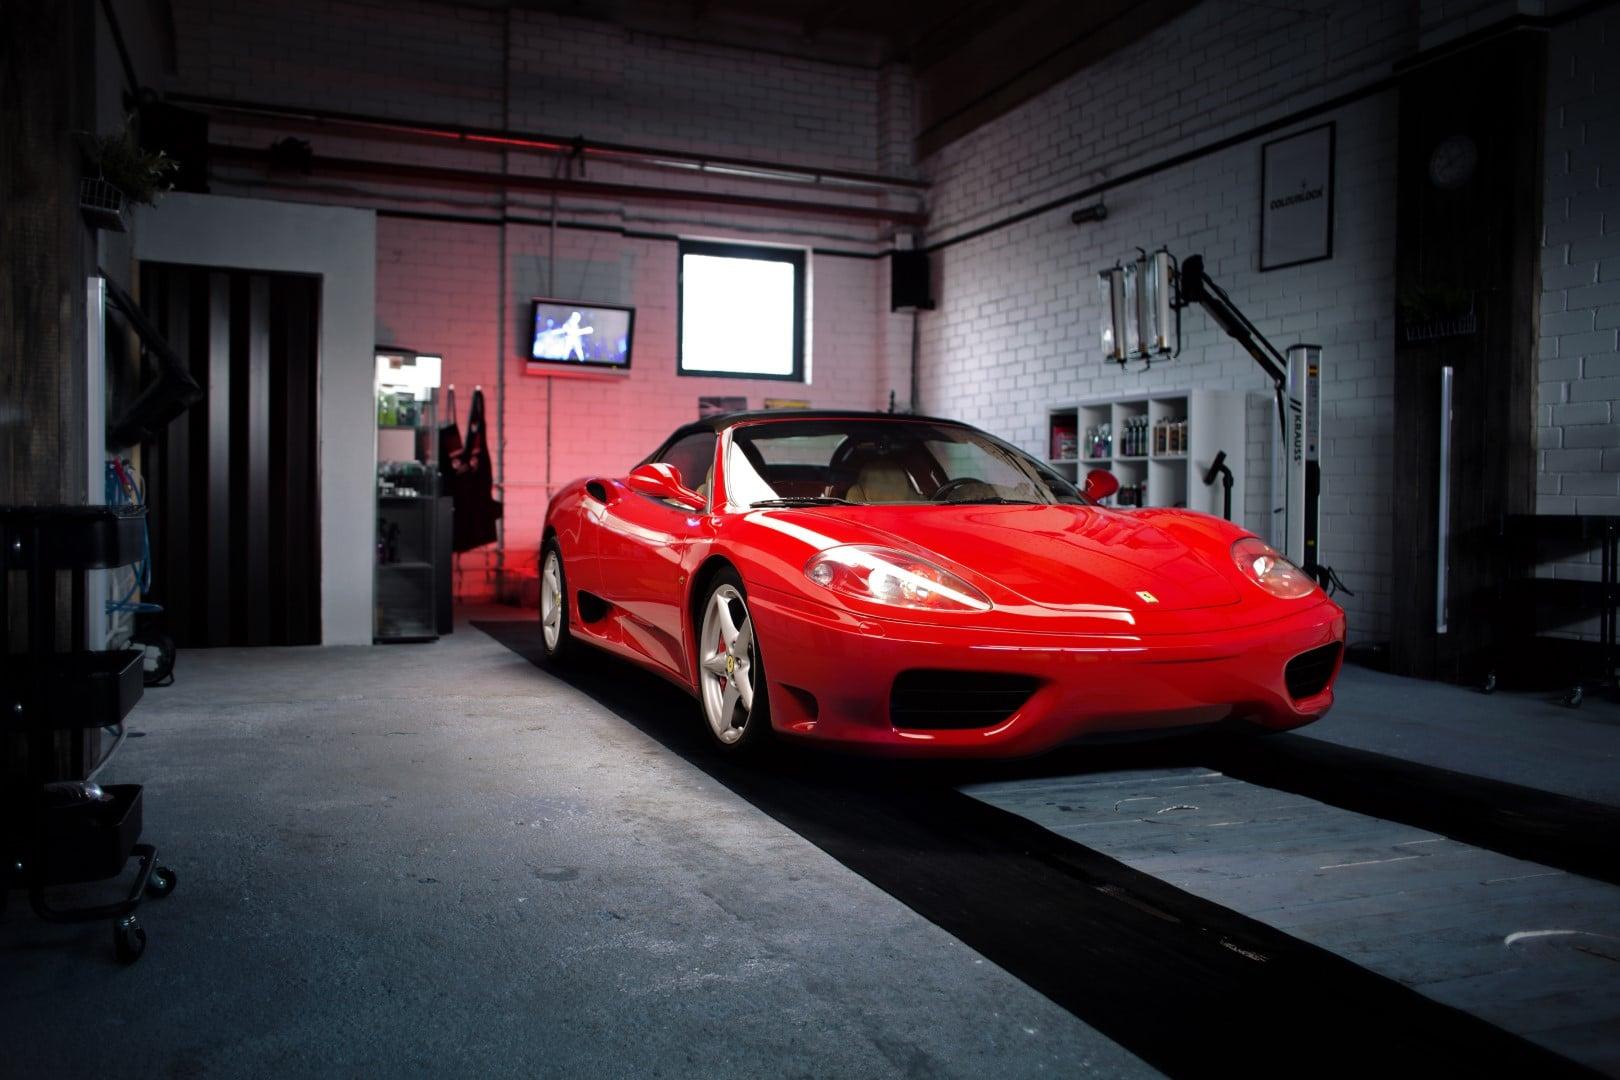 Ferrari 460 Spider in Detailing Studio Giedrius Matulaitis matulaitis.lt